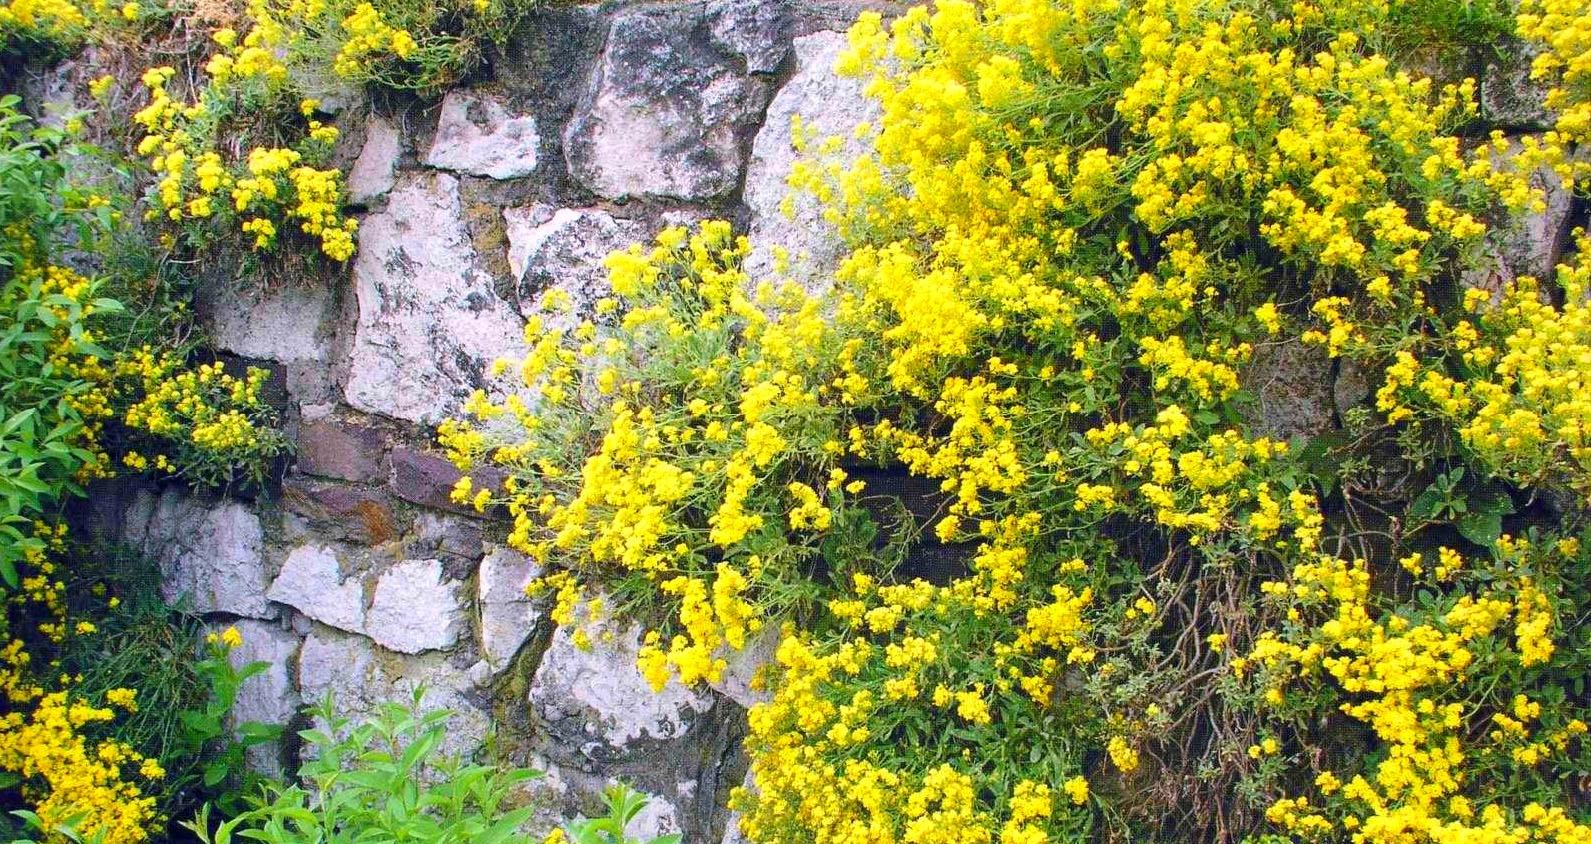 Посадите больше растений у основания подпорной стенки или в оставленных среди камней нишах.